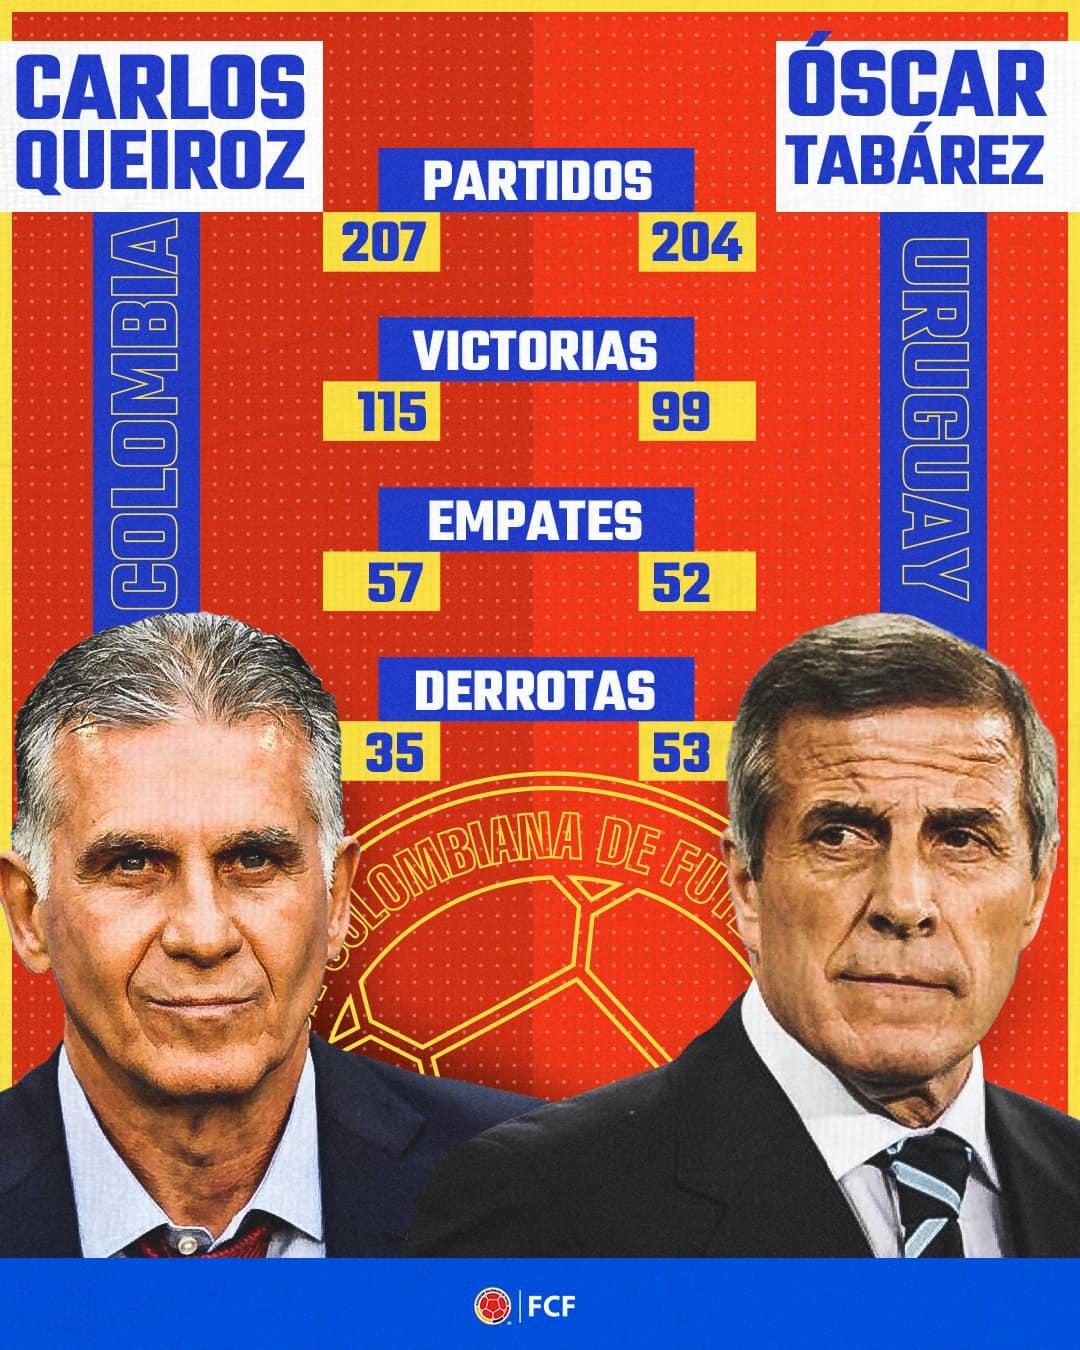 Queiroz supera a Tabarez en estadísticas – RevistaZetta.com